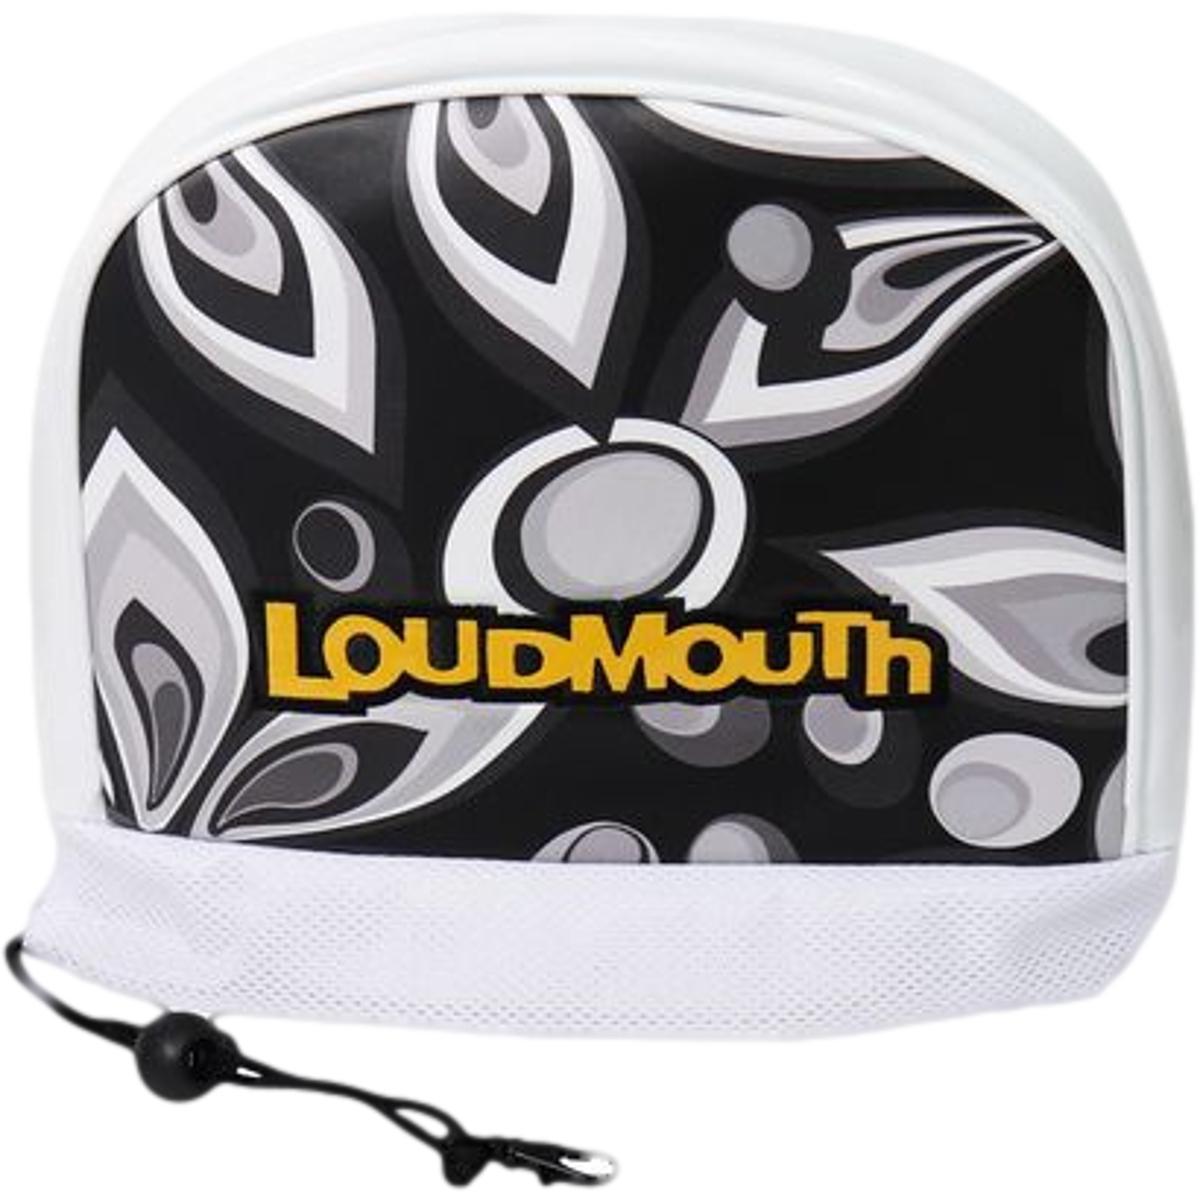 13時までであす楽対応 ラウドマウスゴルフ Loud Mouth Golf アイアンカバー